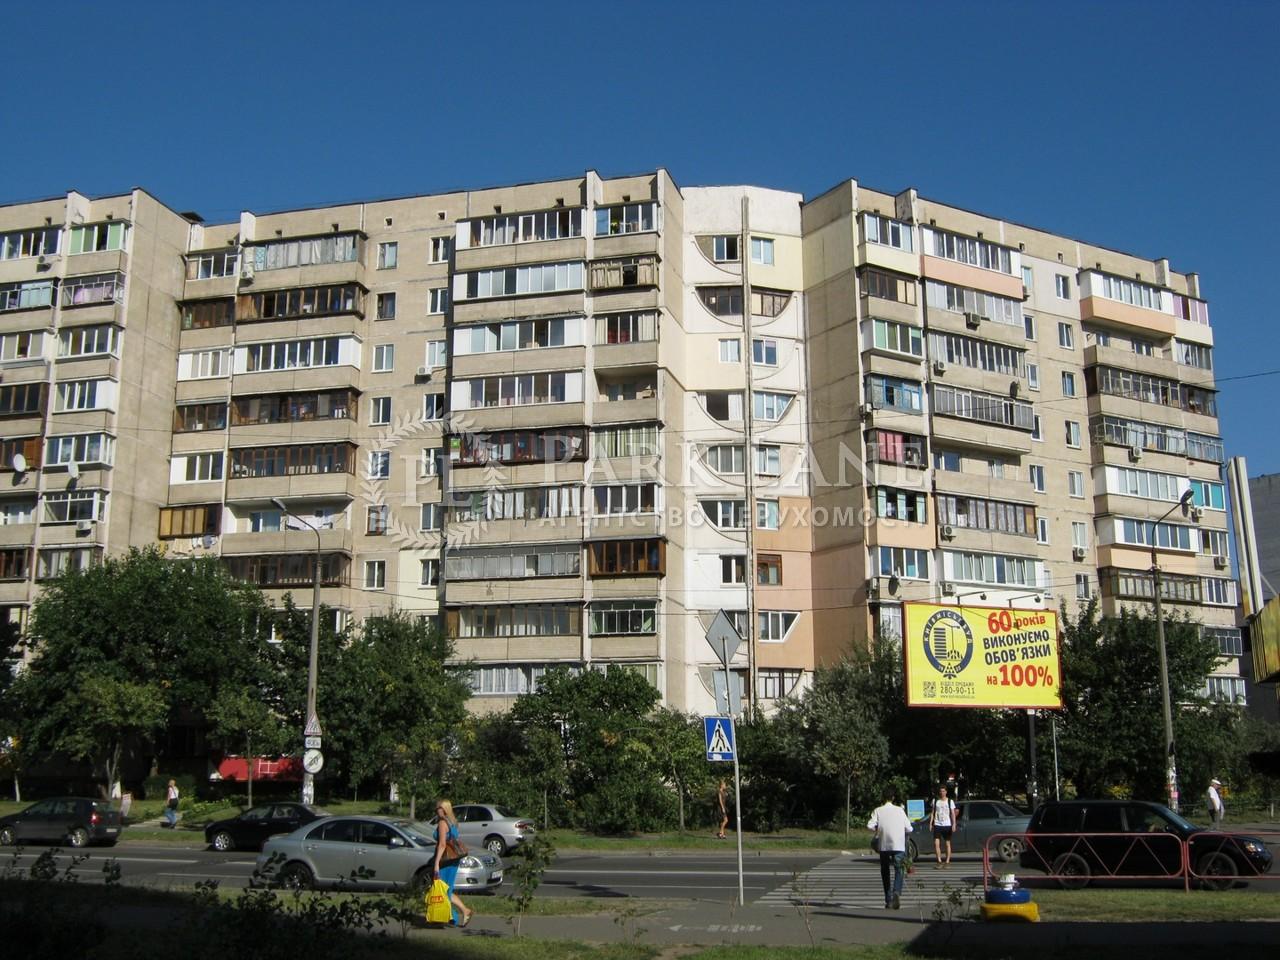 Нежитлове приміщення, вул. Драгоманова, Київ, J-27091 - Фото 1